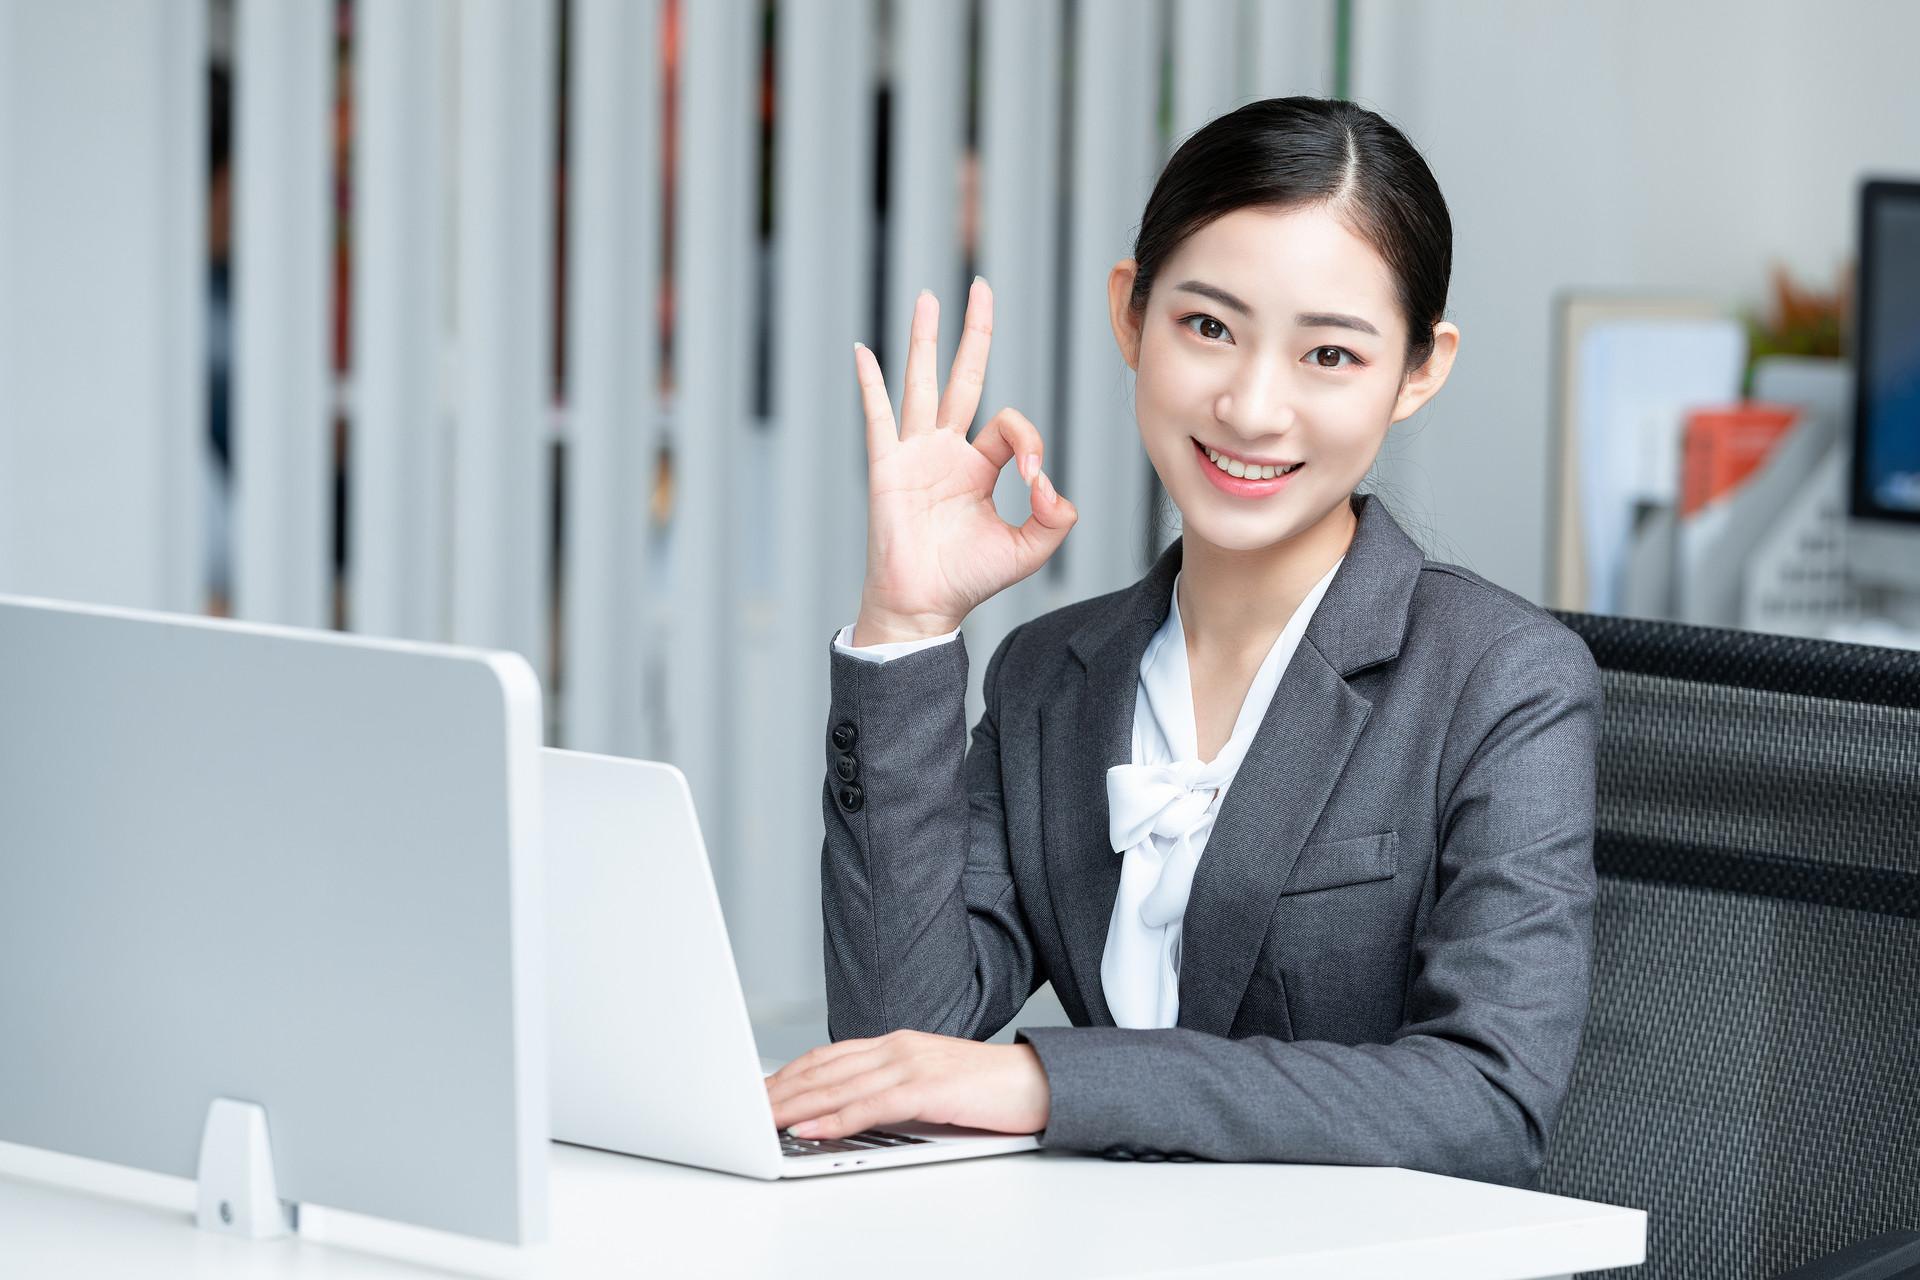 唐山出国外语培训机构